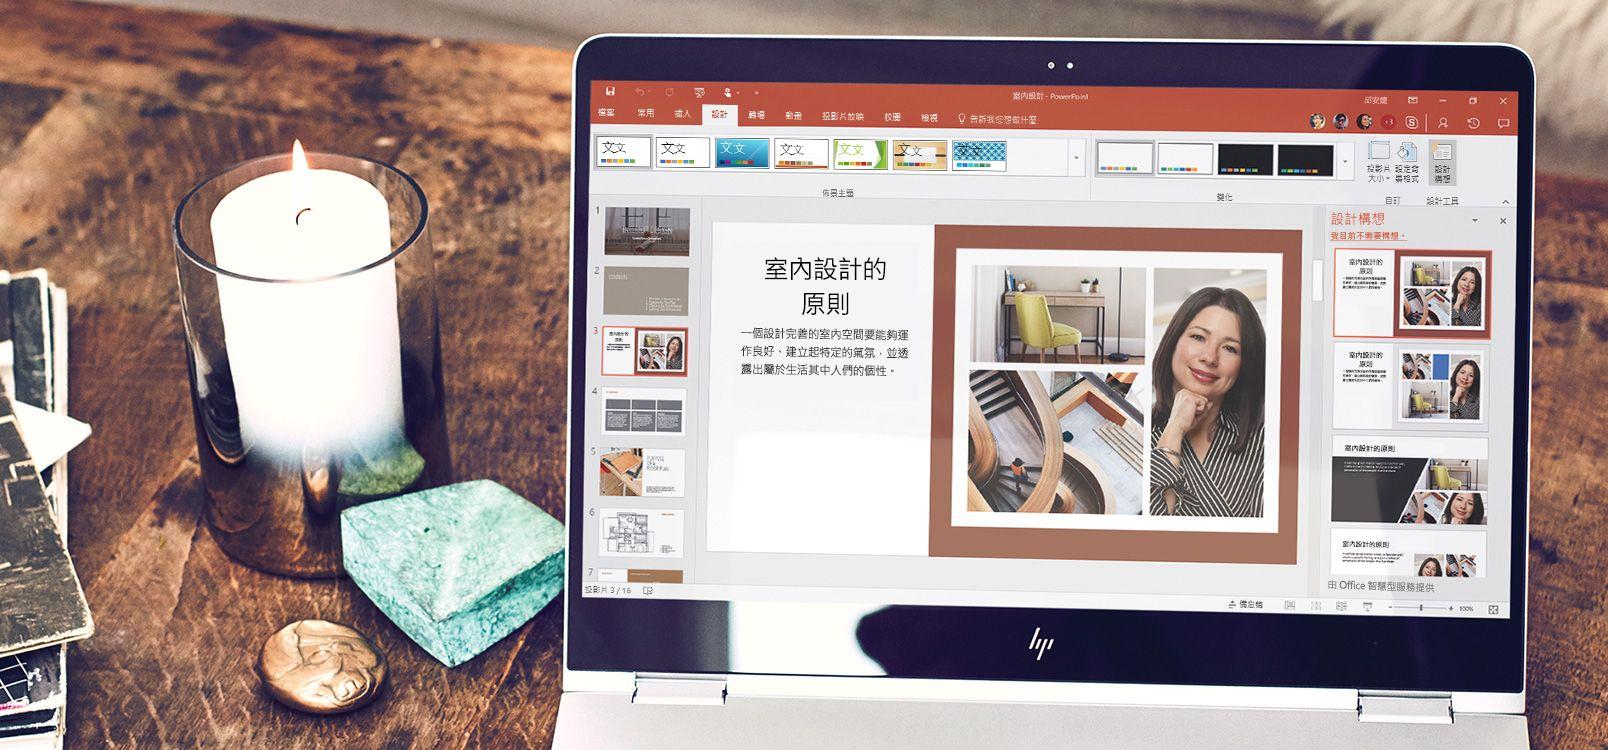 顯示使用 PowerPoint 設計工具功能的 PowerPoint 文件的膝上型電腦螢幕